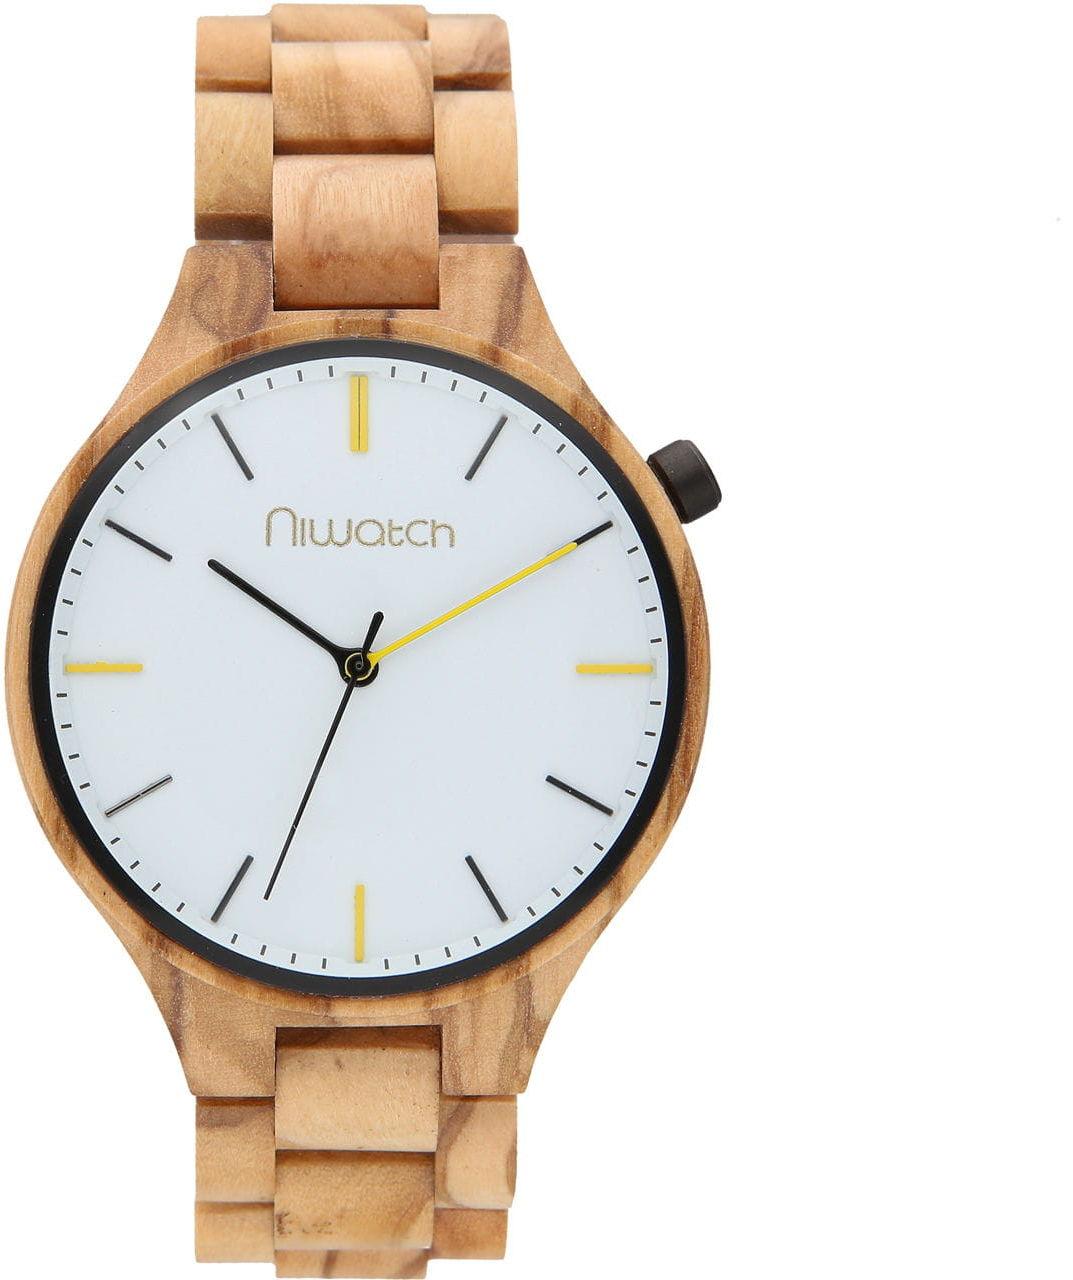 Zegarek drewniany Niwatch - kolekcja CASUAL - ZEBRANO